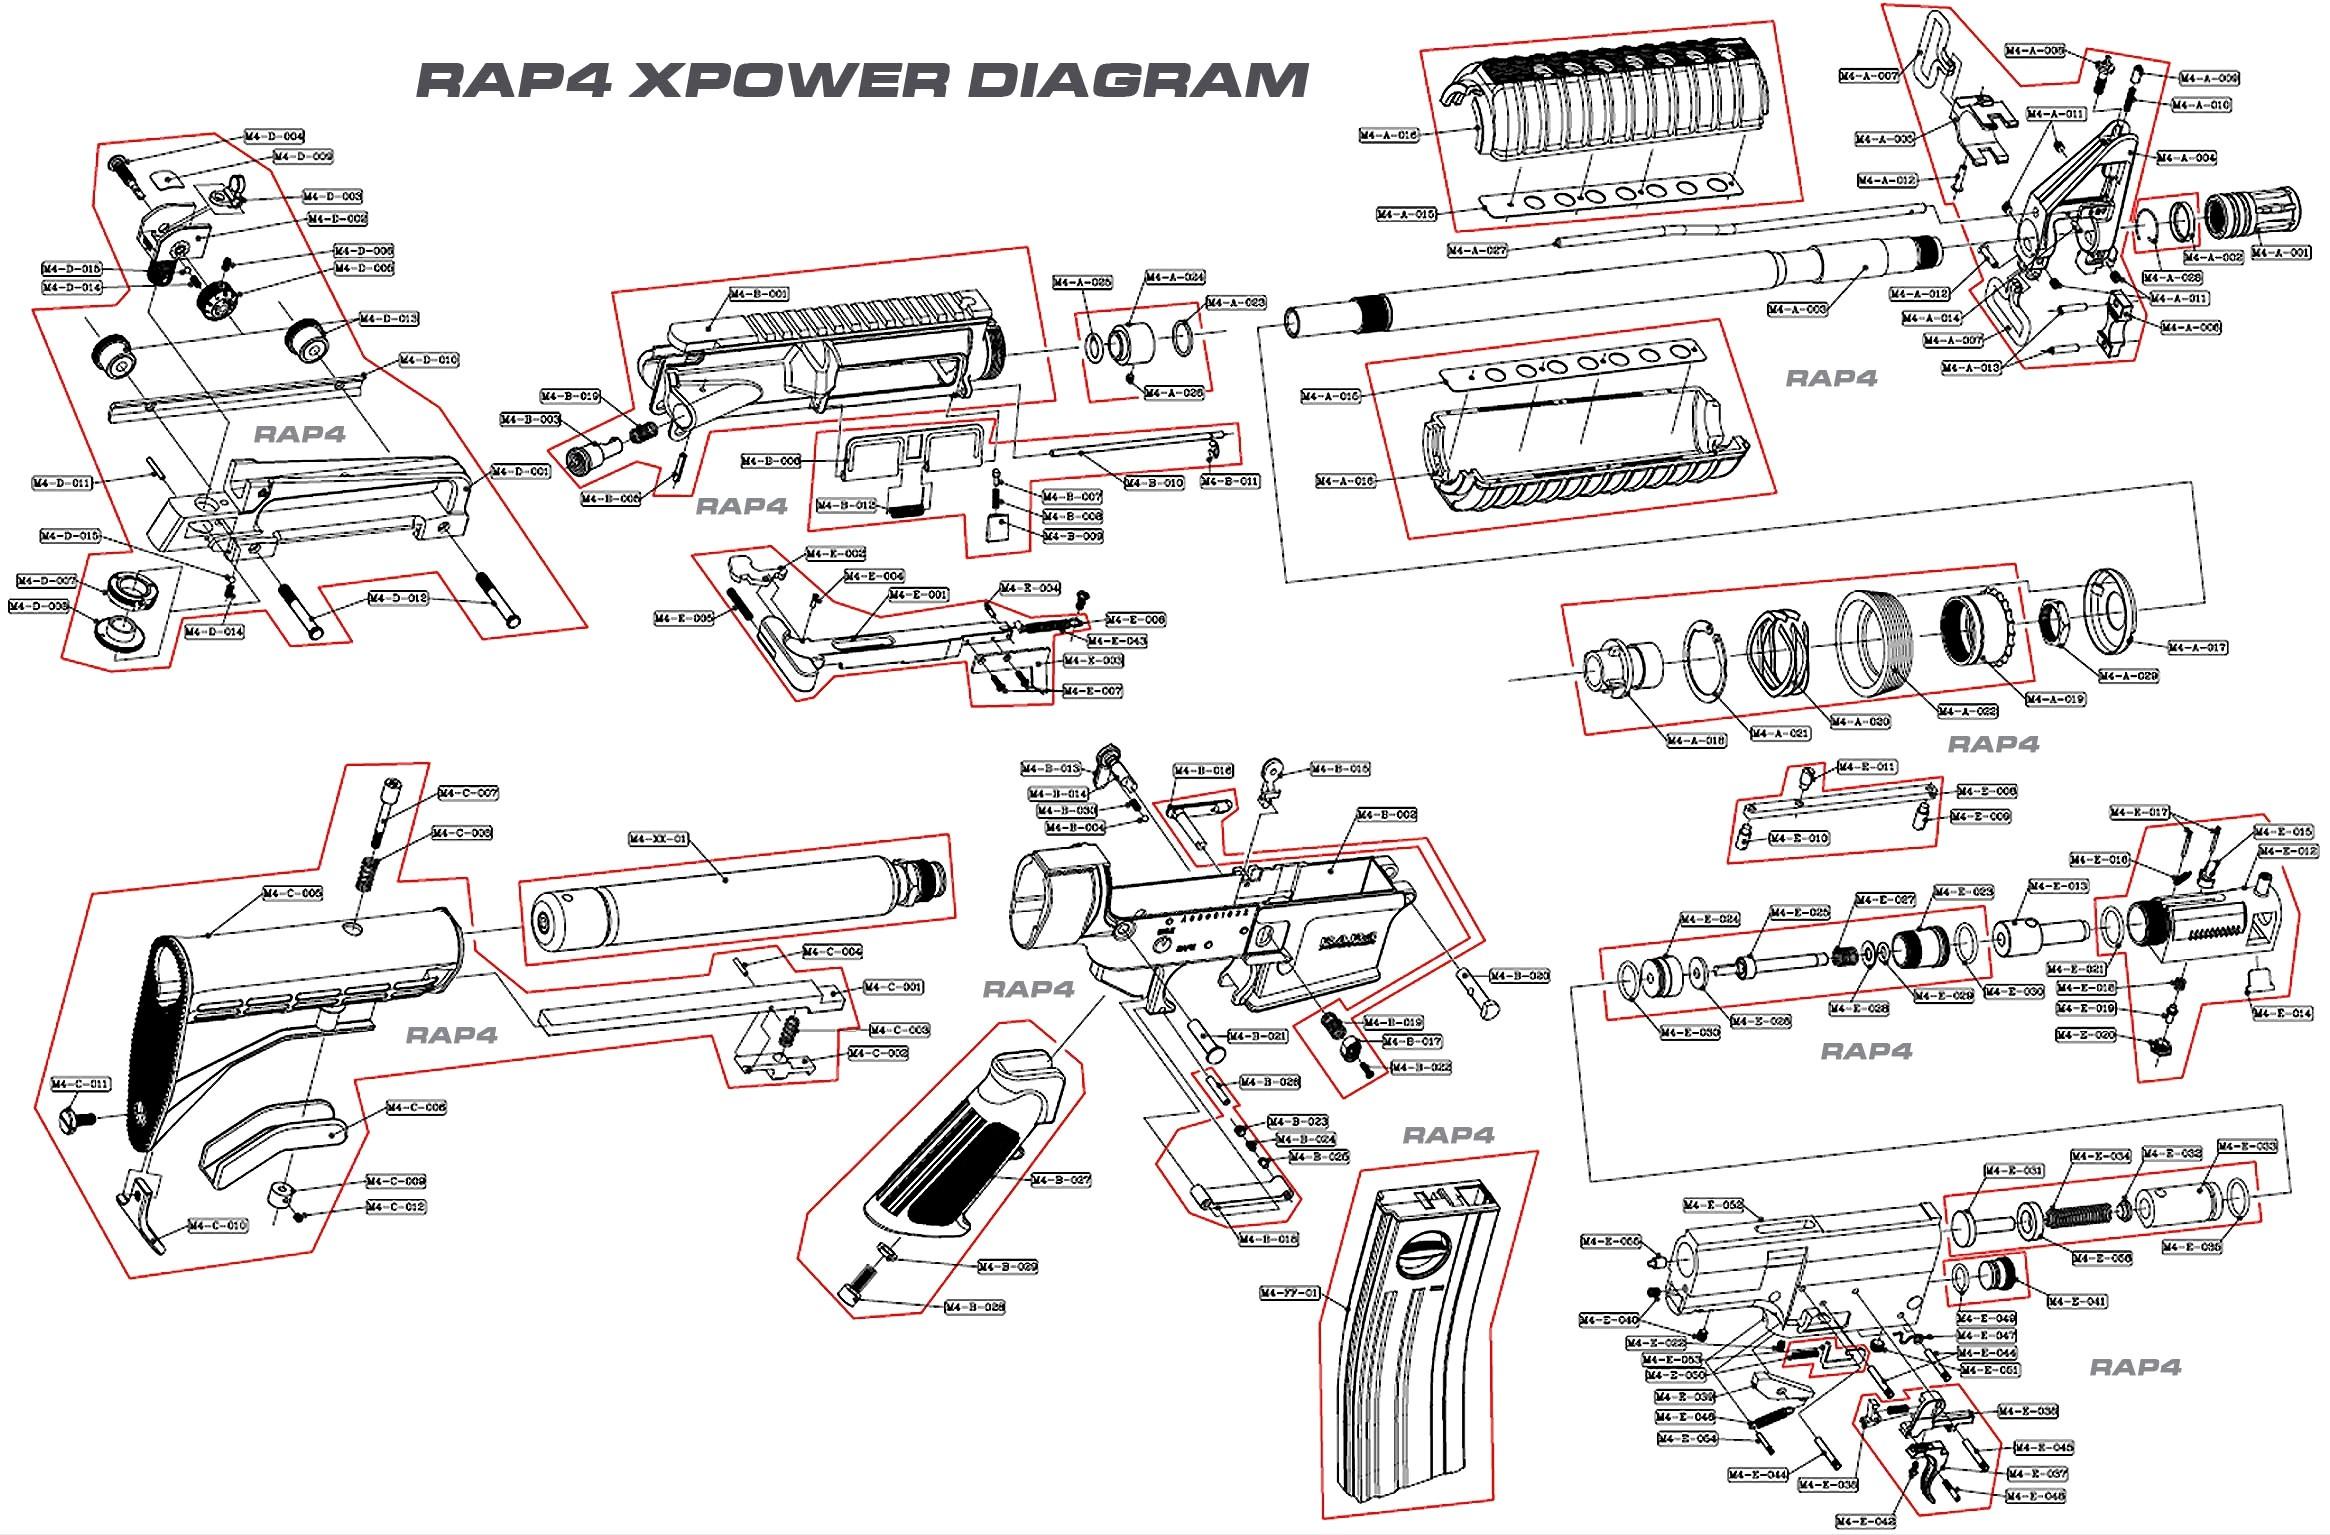 Truck Suspension Diagram Nova Suspension Diagram All Kind Wiring Diagrams • Of Truck Suspension Diagram